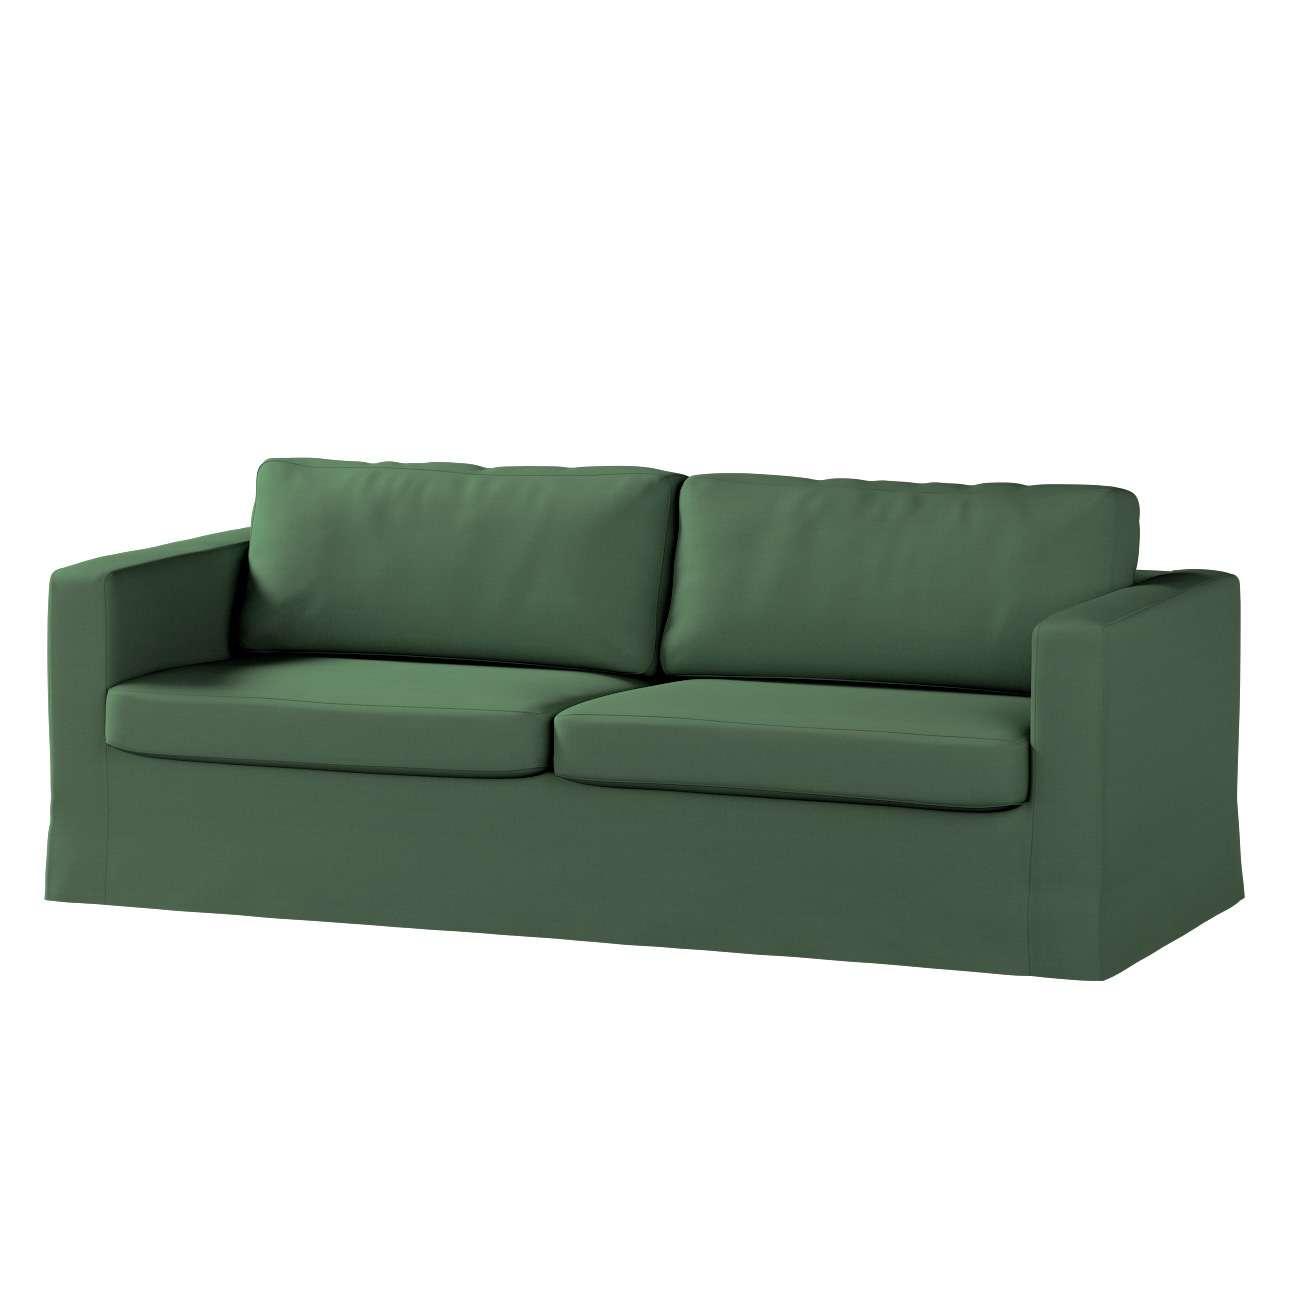 Pokrowiec na sofę Karlstad 3-osobową nierozkładaną, długi Sofa Karlstad 3-osobowa w kolekcji Cotton Panama, tkanina: 702-06